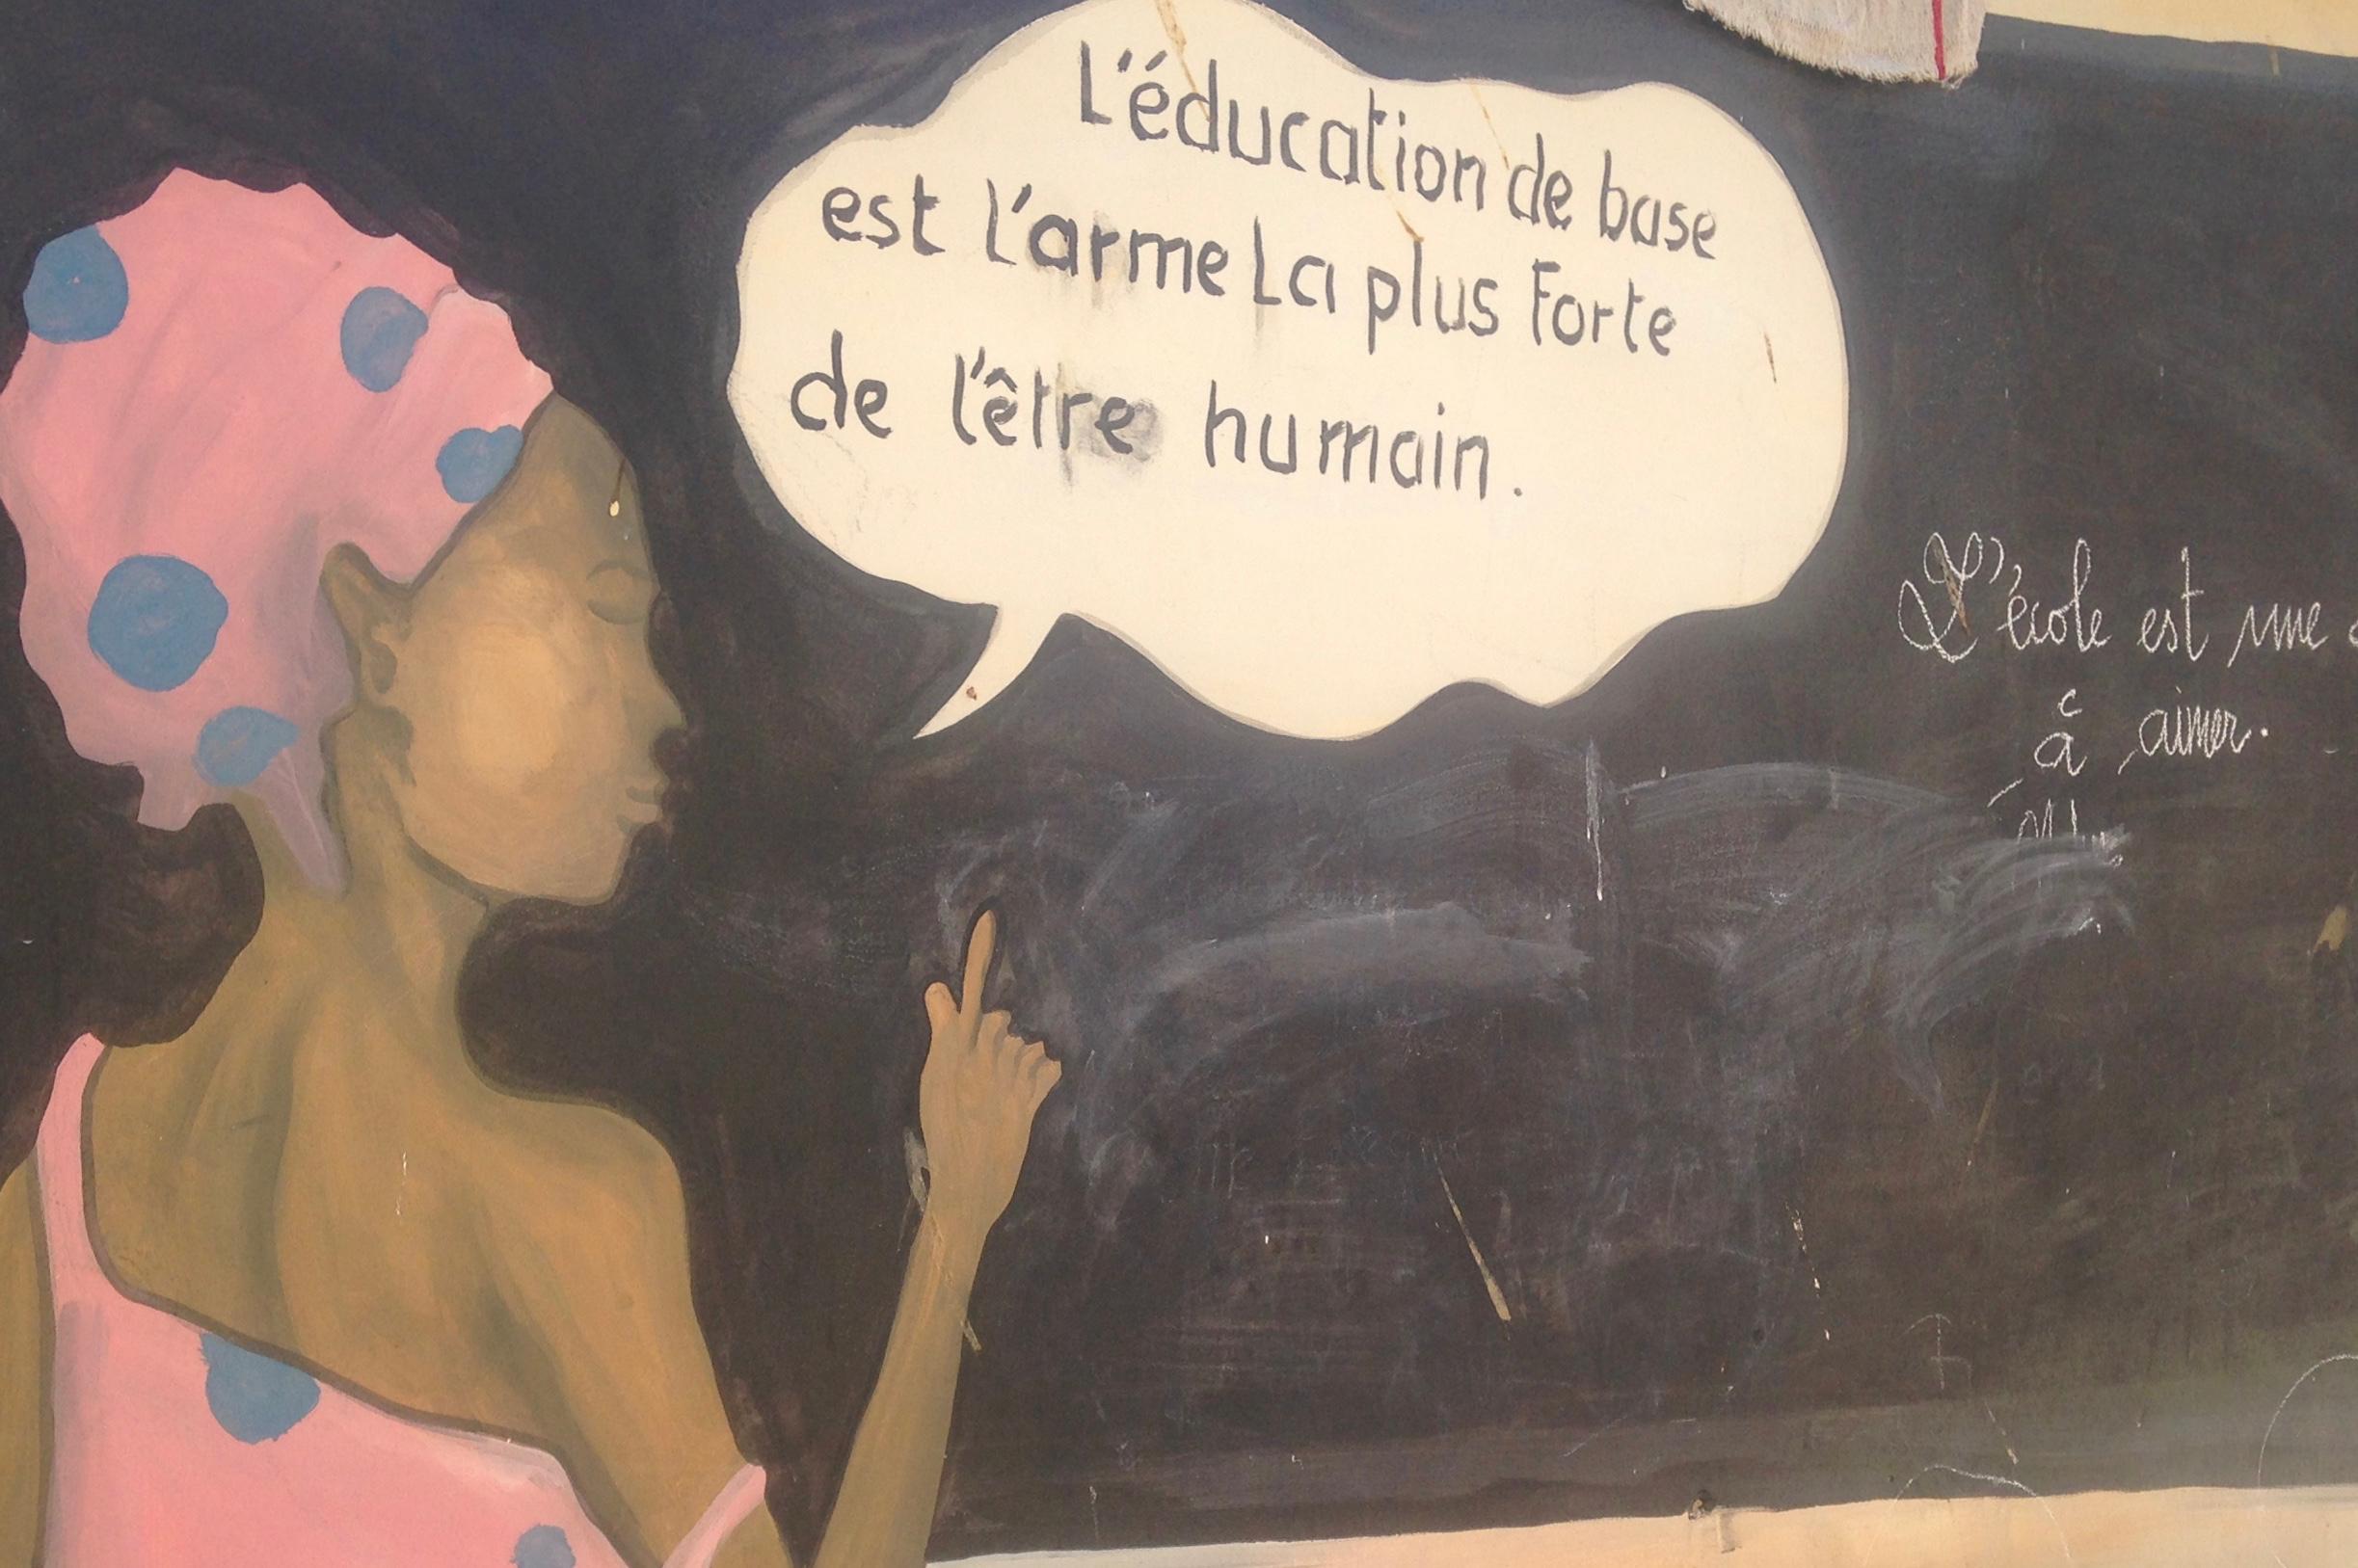 """gemaltes Veranstaltungsfoto: Frau vor Schultafel mit Sprechblase """"L'éducation de base est l'arme la plus forte de l'être humain"""""""